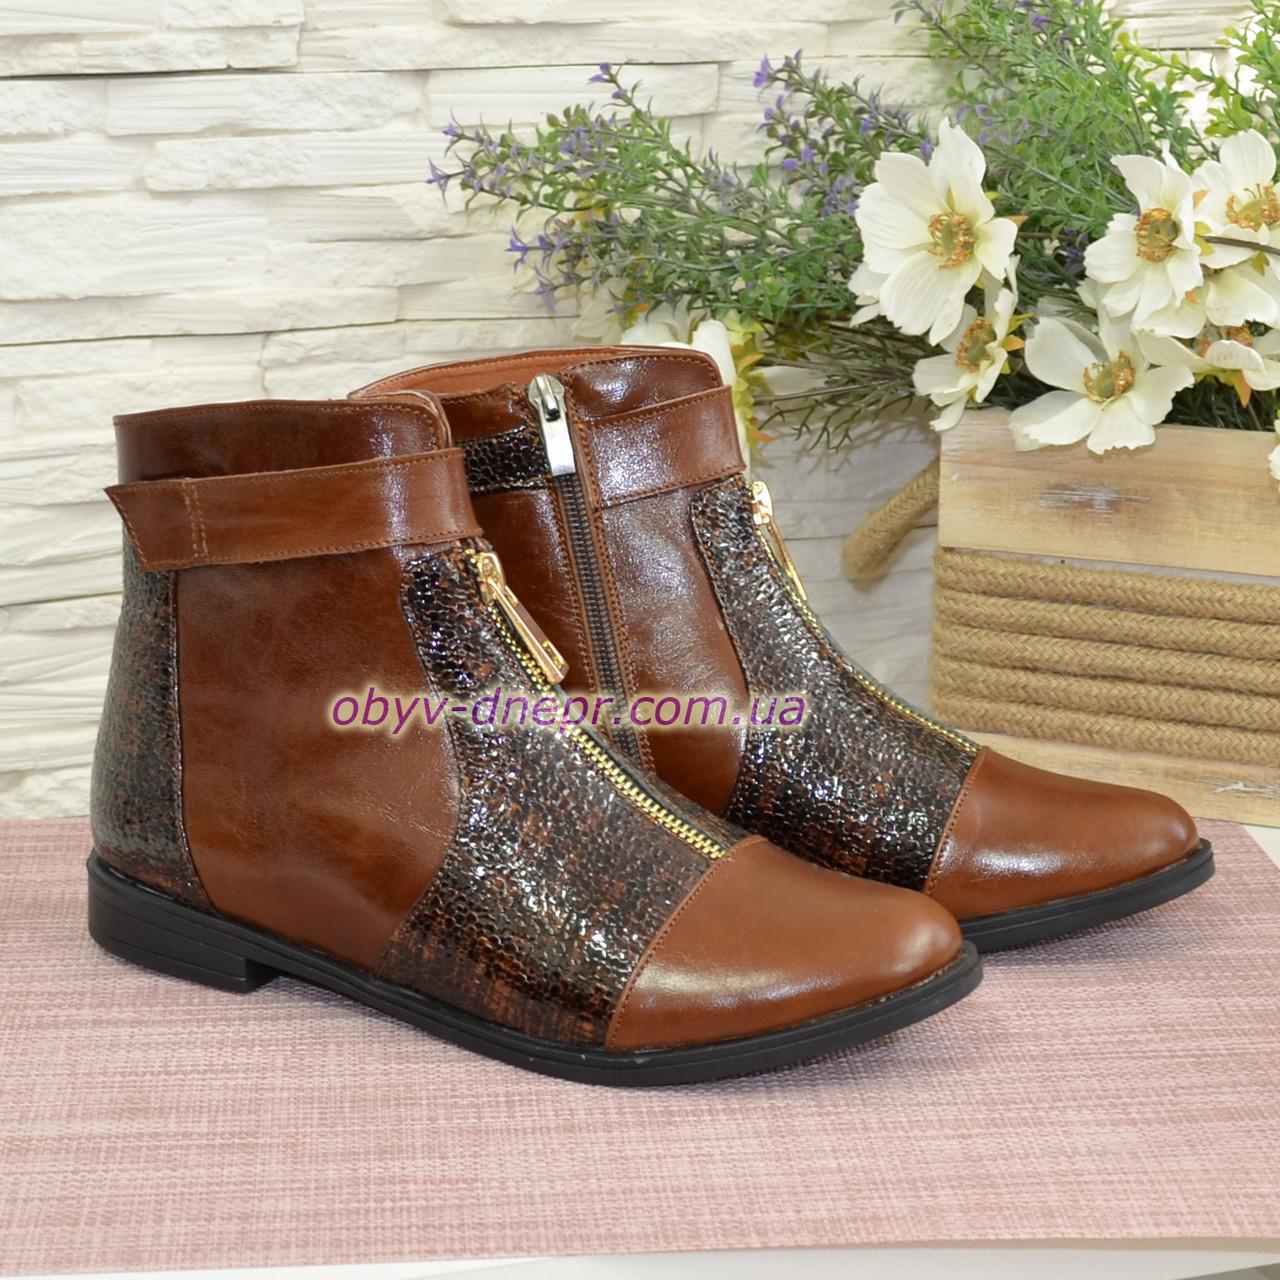 Женские демисезонные коричневые ботинки на низом ходу, натуральная кожа.